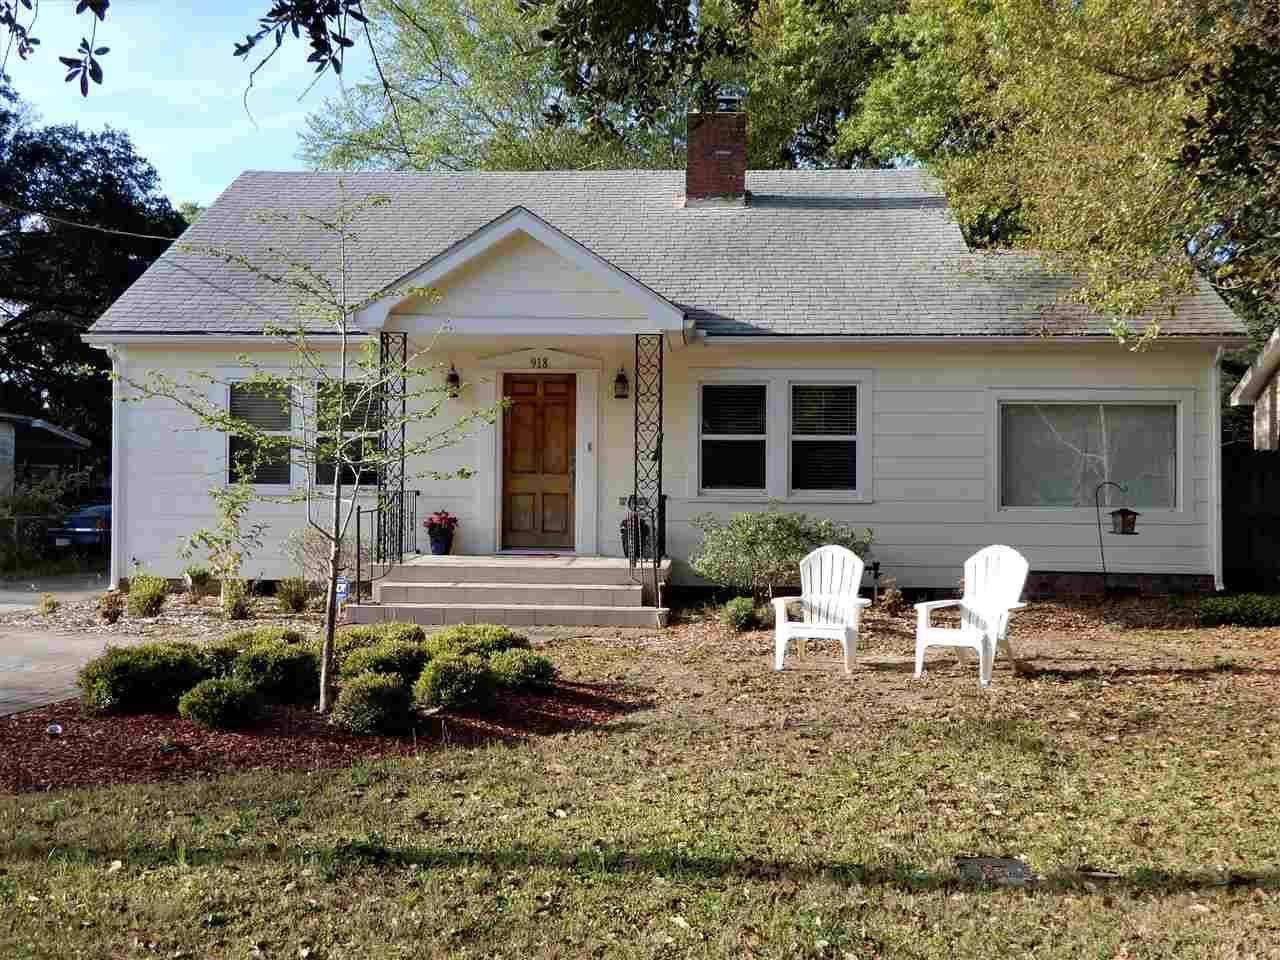 918 E JORDAN ST, Pensacola, Florida